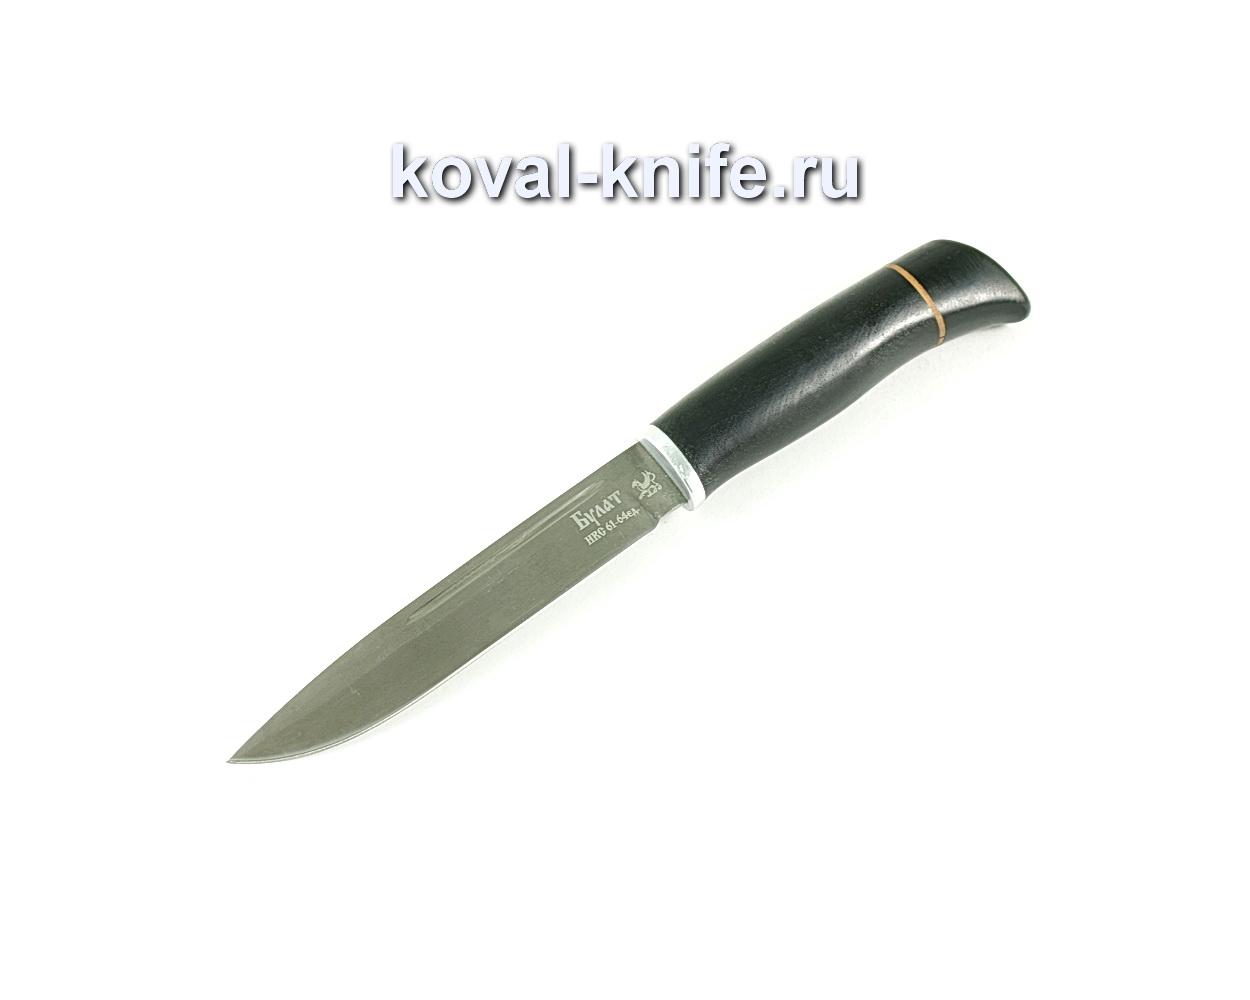 Нож Финка (сталь Булат), рукоять граб A148